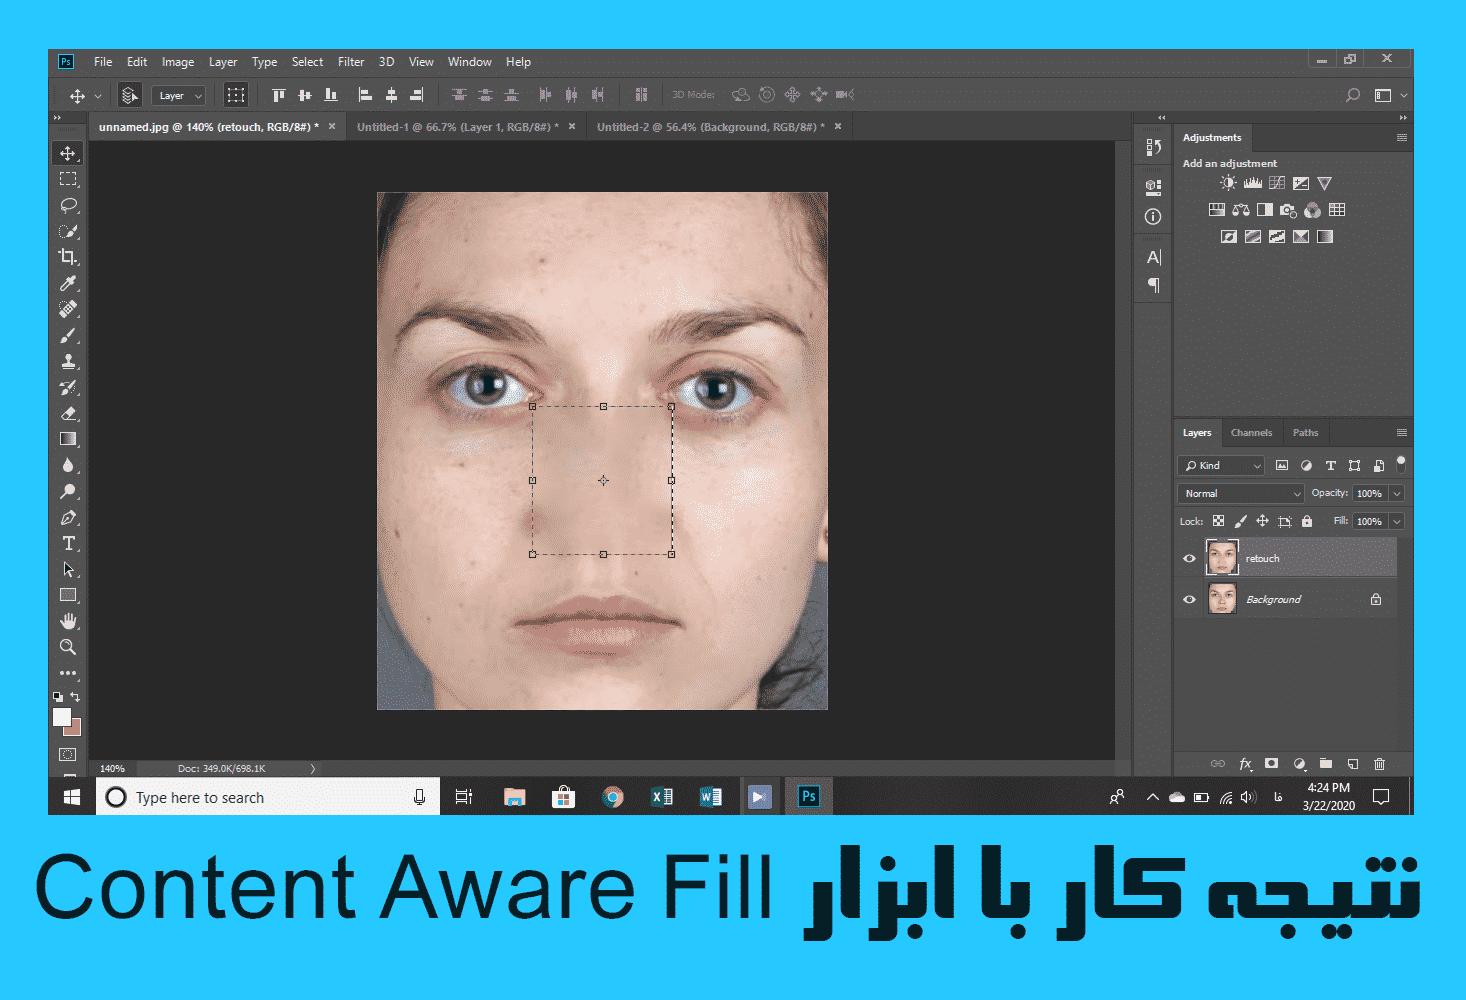 نتیجه کار با ابزار Content Aware Fill در روتوش عکس در فتوشاپ